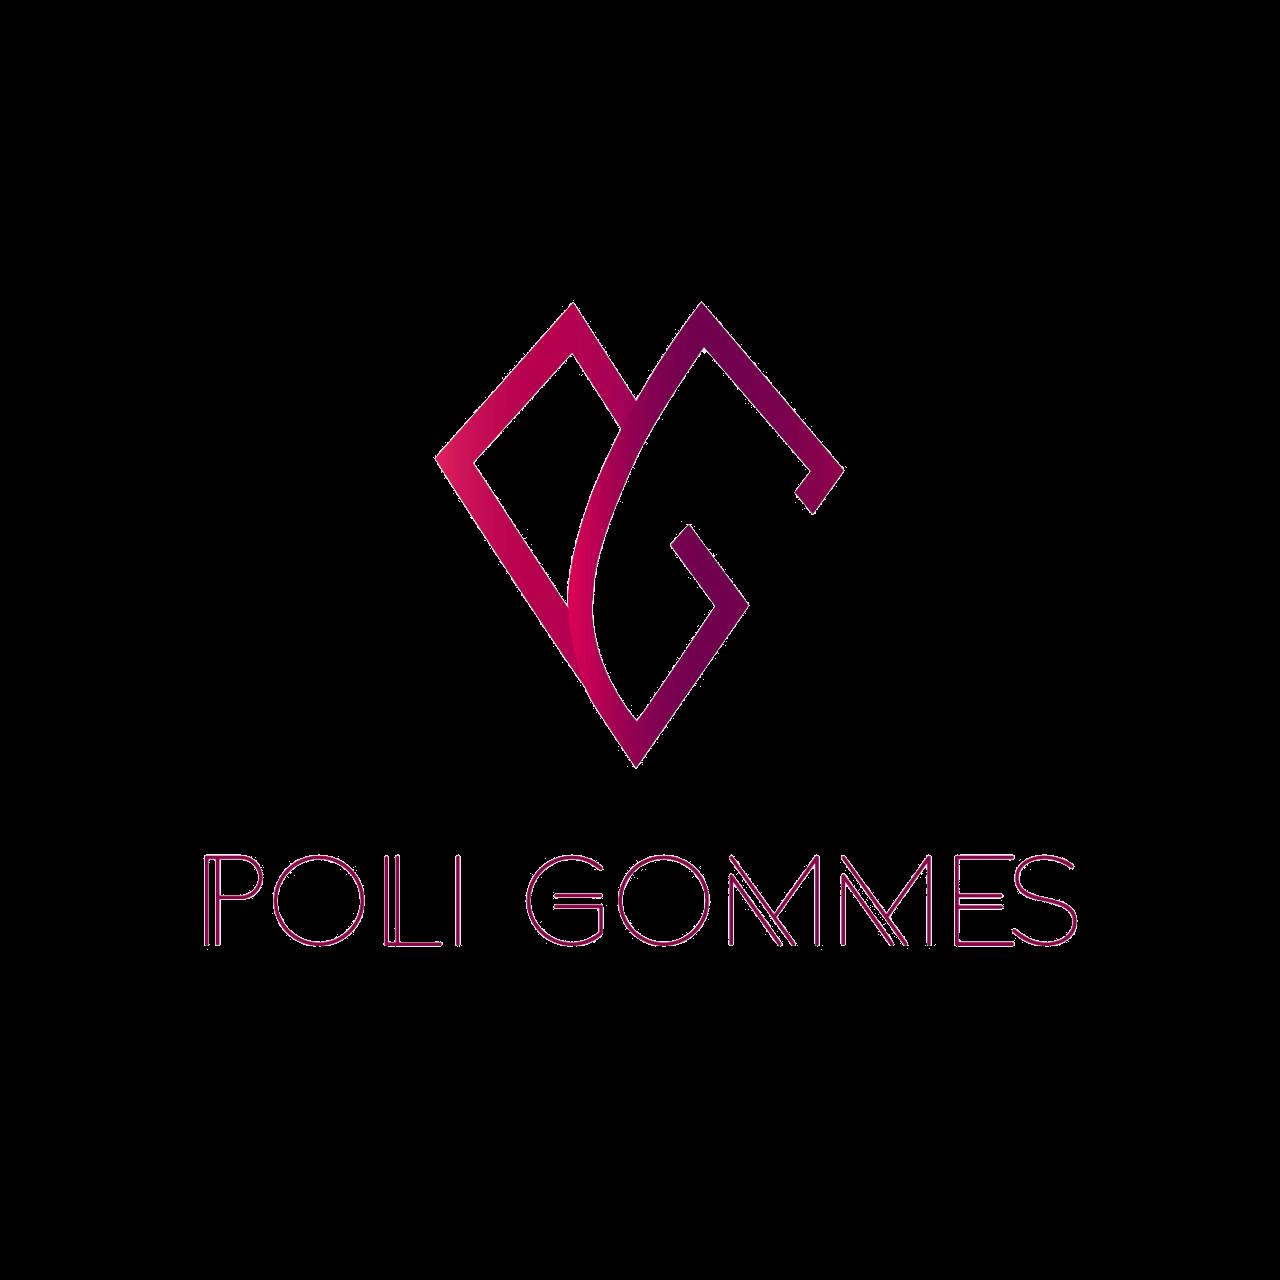 Poli Gommes